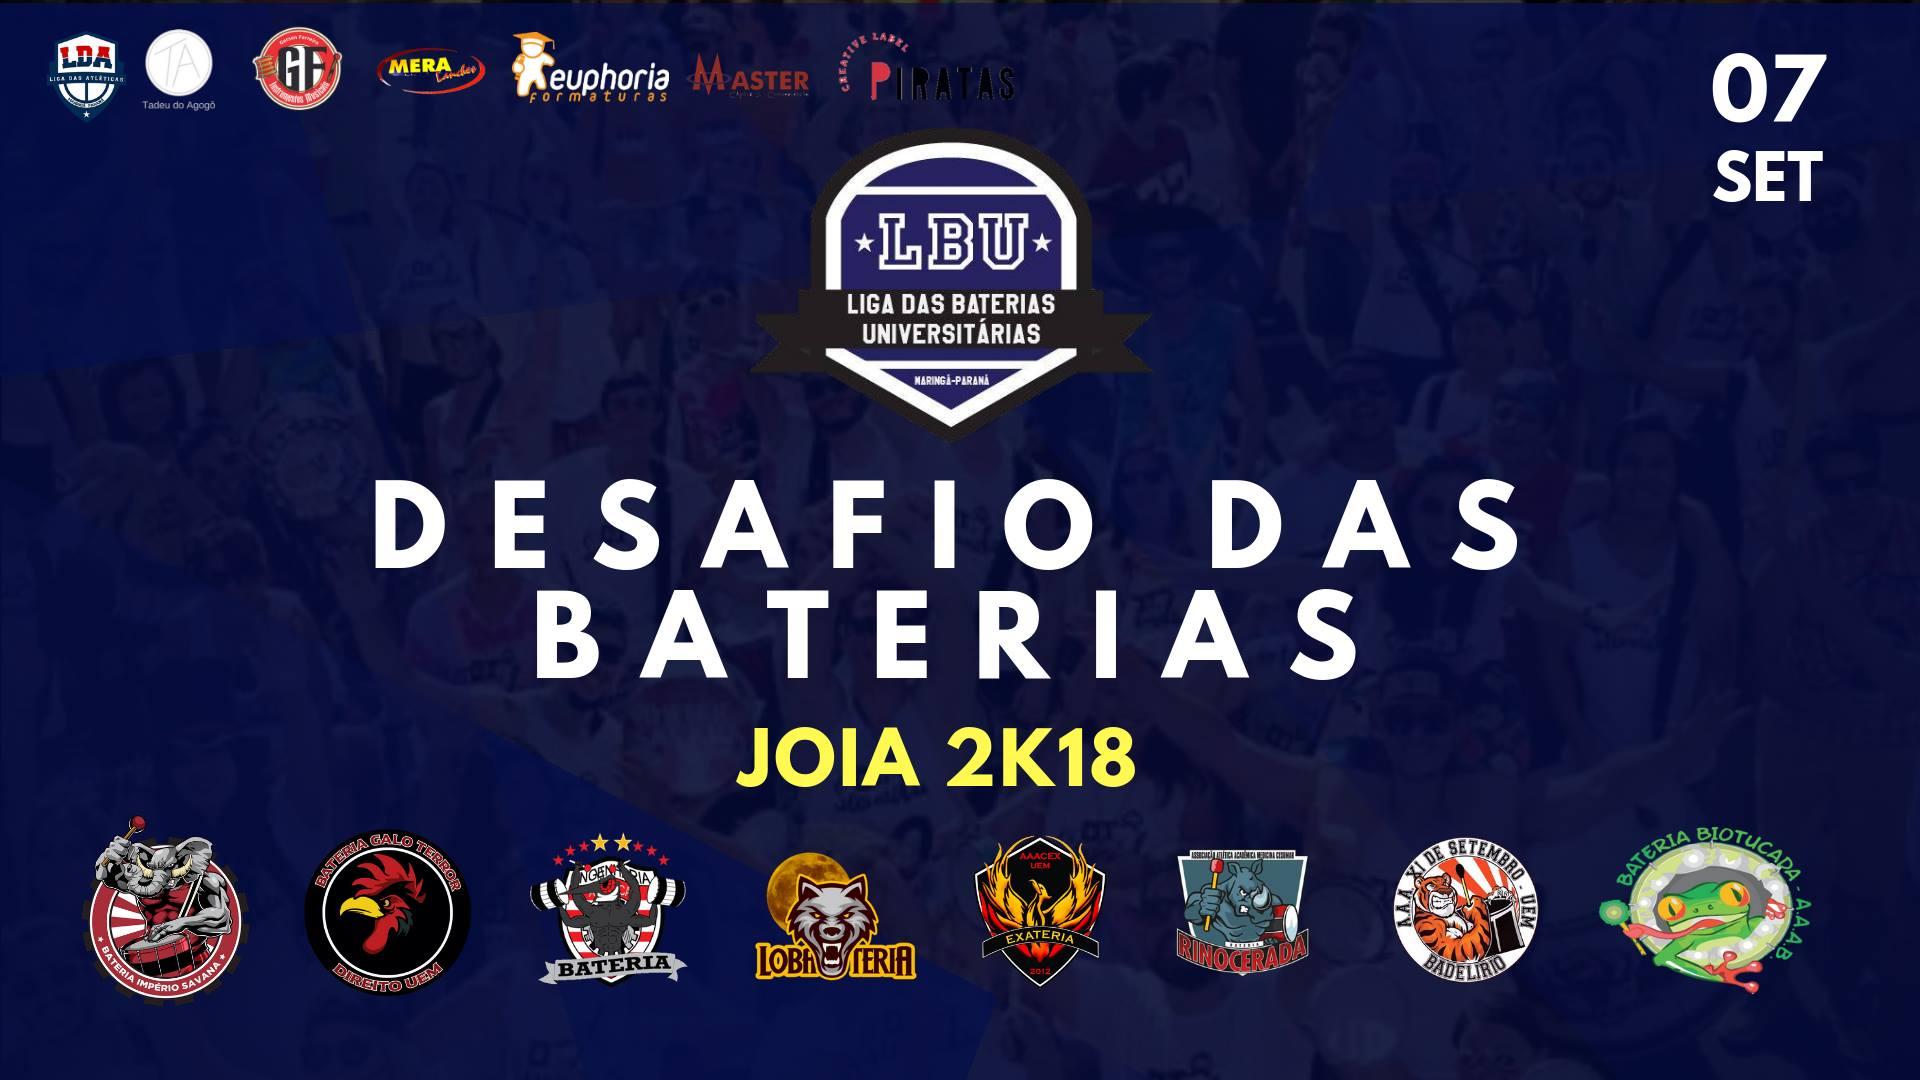 Desafio de BU's - Maringá/PR